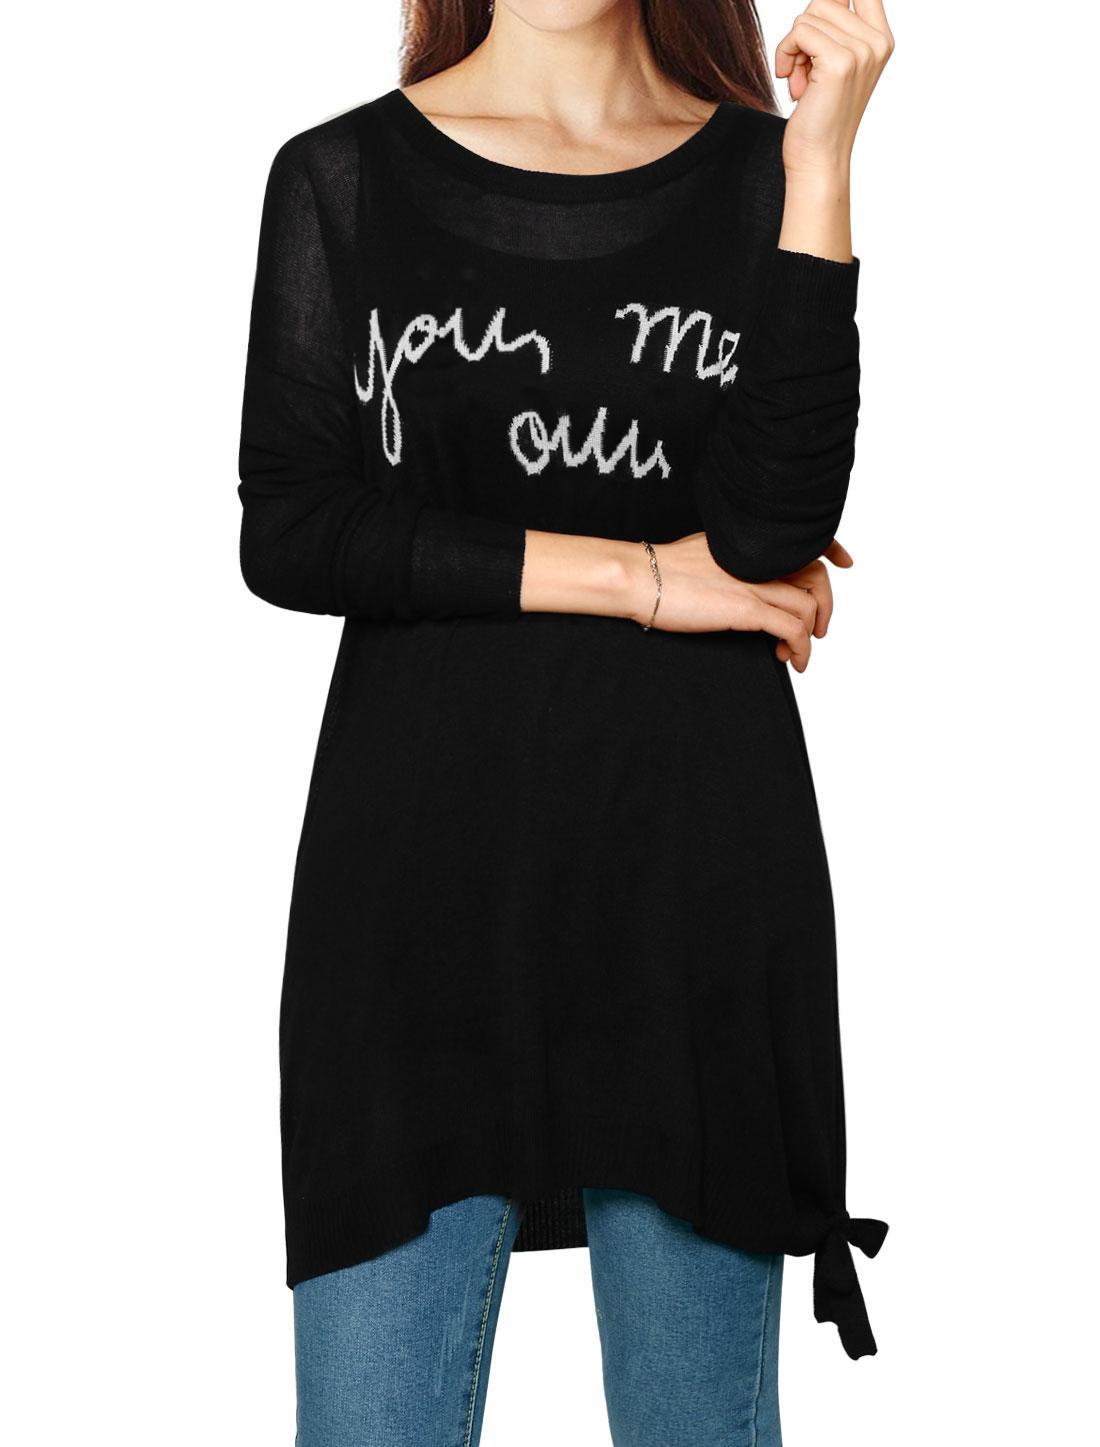 Women Dropped Shoulder Side-Slit Letters Loose Knit Top Black XL